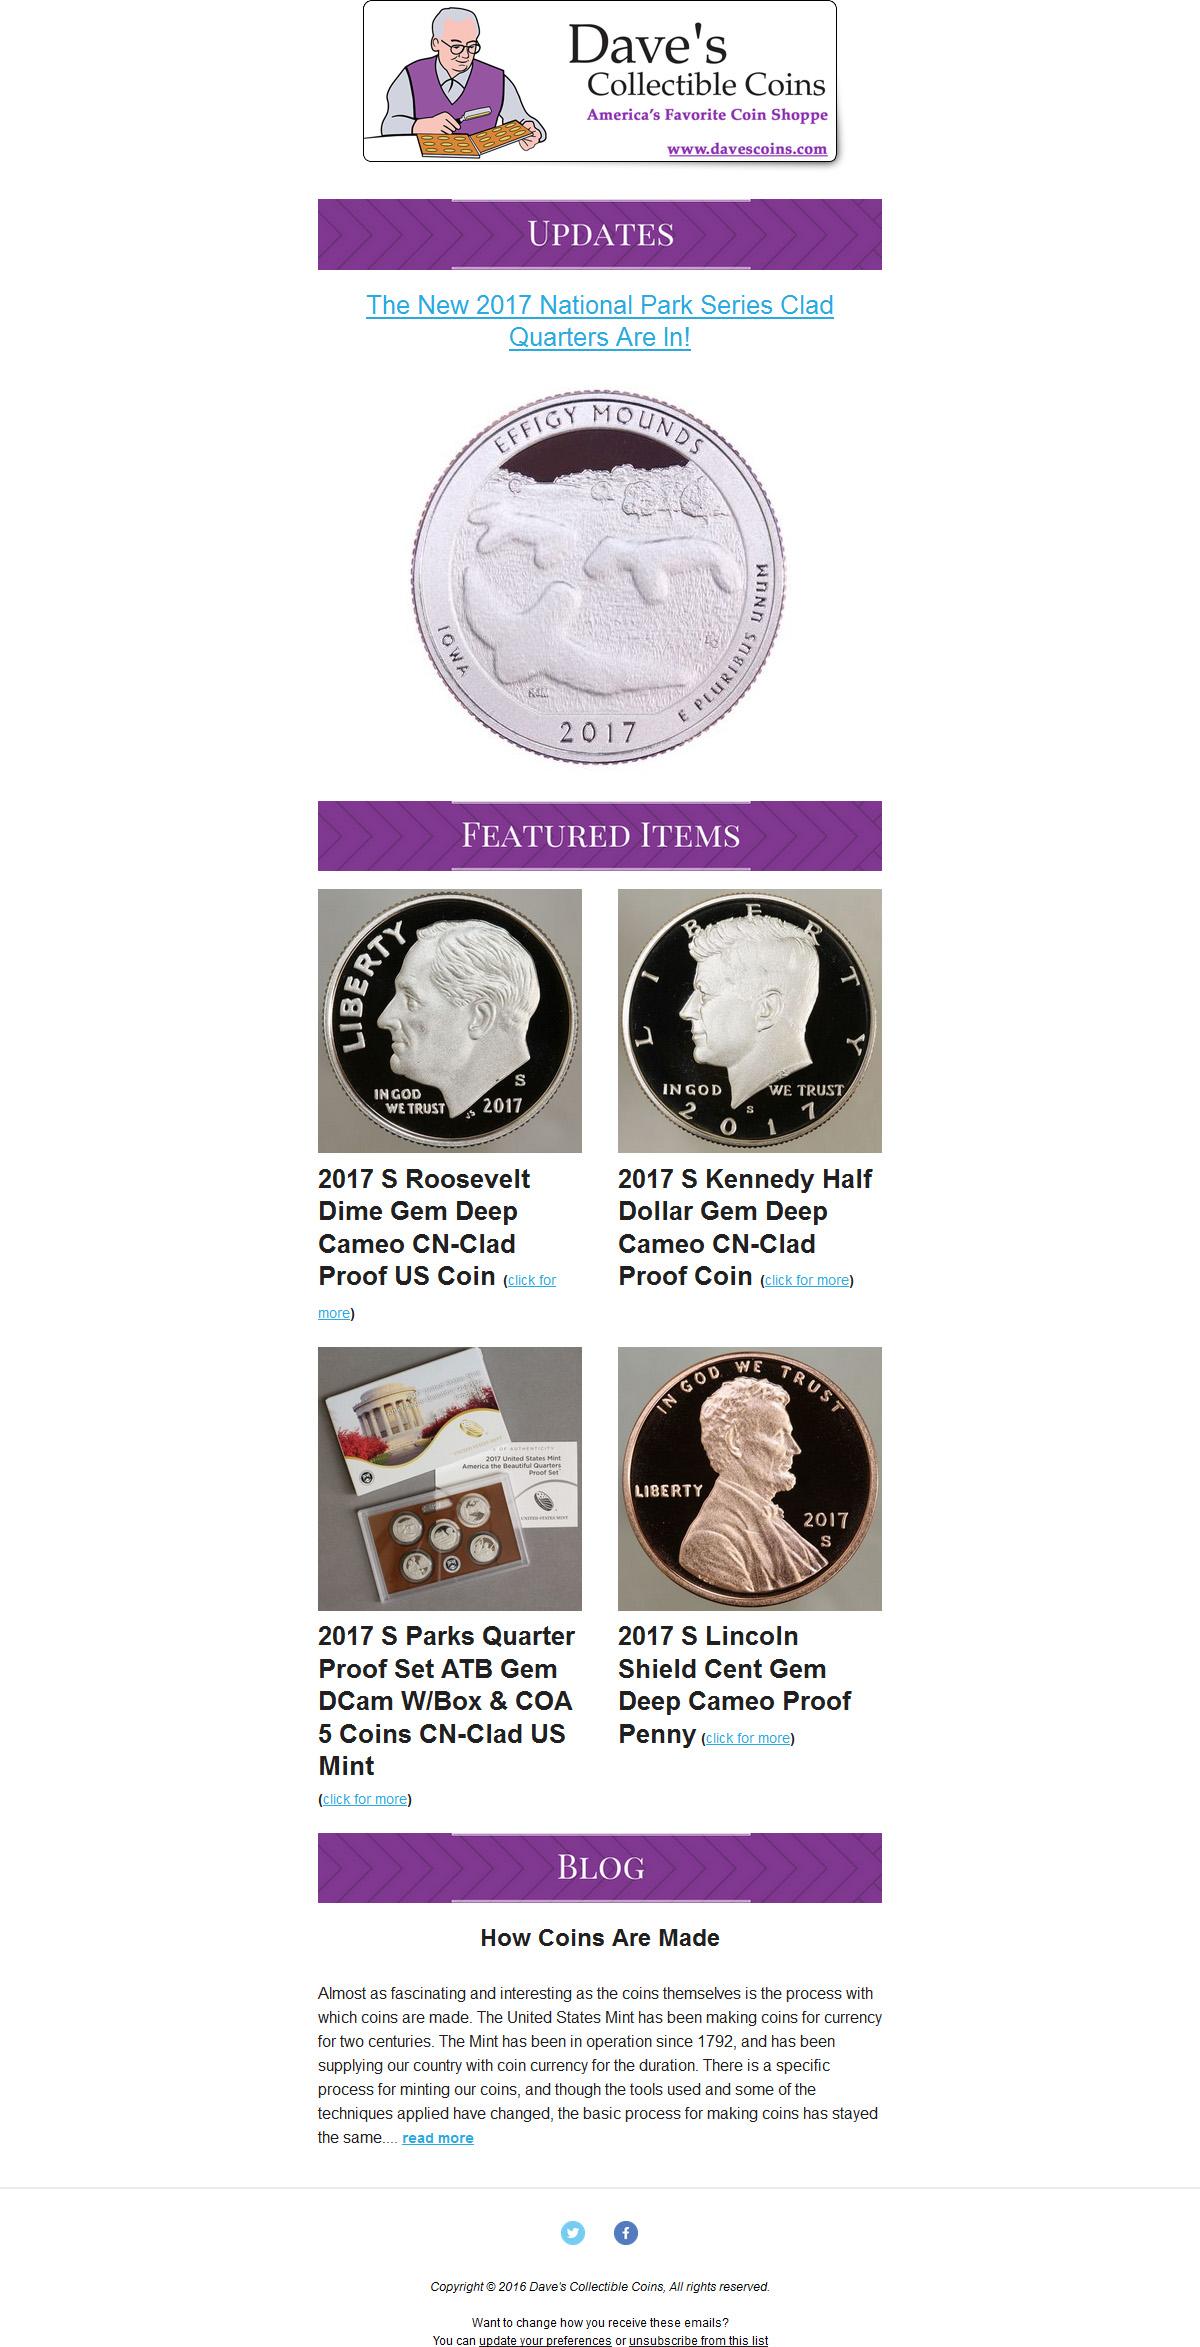 Dave's Collectible Coins